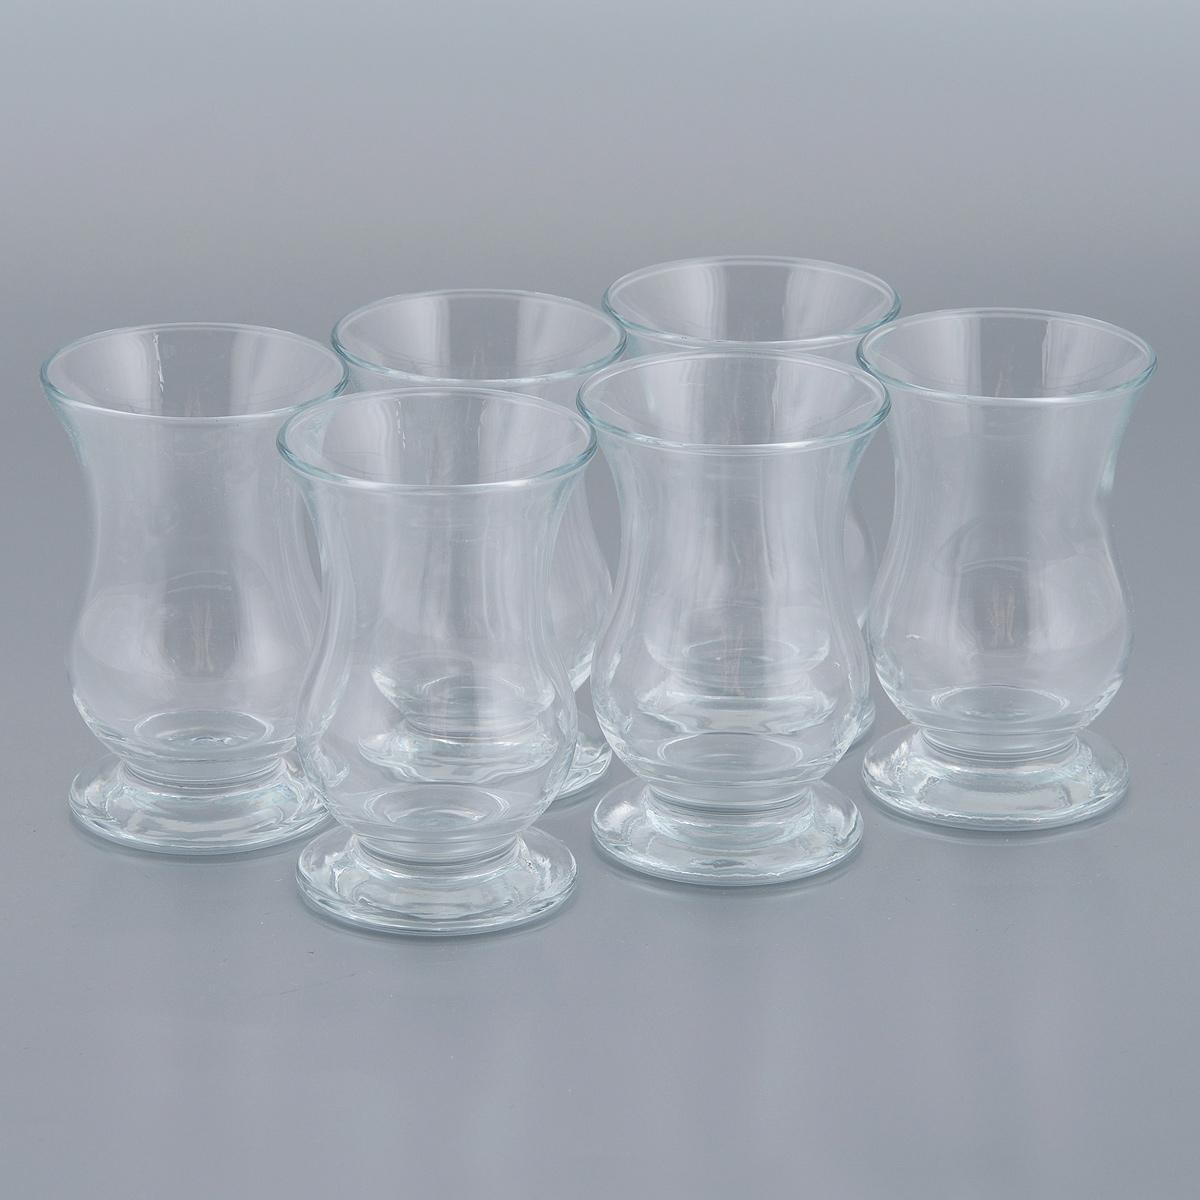 Набор стаканов Pasabahce Pera, 95 мл, 6 шт42351Набор Pasabahce Pera состоит из 6 стаканов, выполненных из прочного натрий-кальций-силикатного стекла, которое выдерживает нагрев до 70°С. Стильный лаконичный дизайн, роскошный внешний вид и несравненное качество сделают их великолепным украшением стола. Подходят для мытья в посудомоечной машине. Можно использовать в микроволновой печи и для хранения пищи в холодильнике. Диаметр (по верхнему краю): 5,5 см. Высота стакана: 8,5 см.